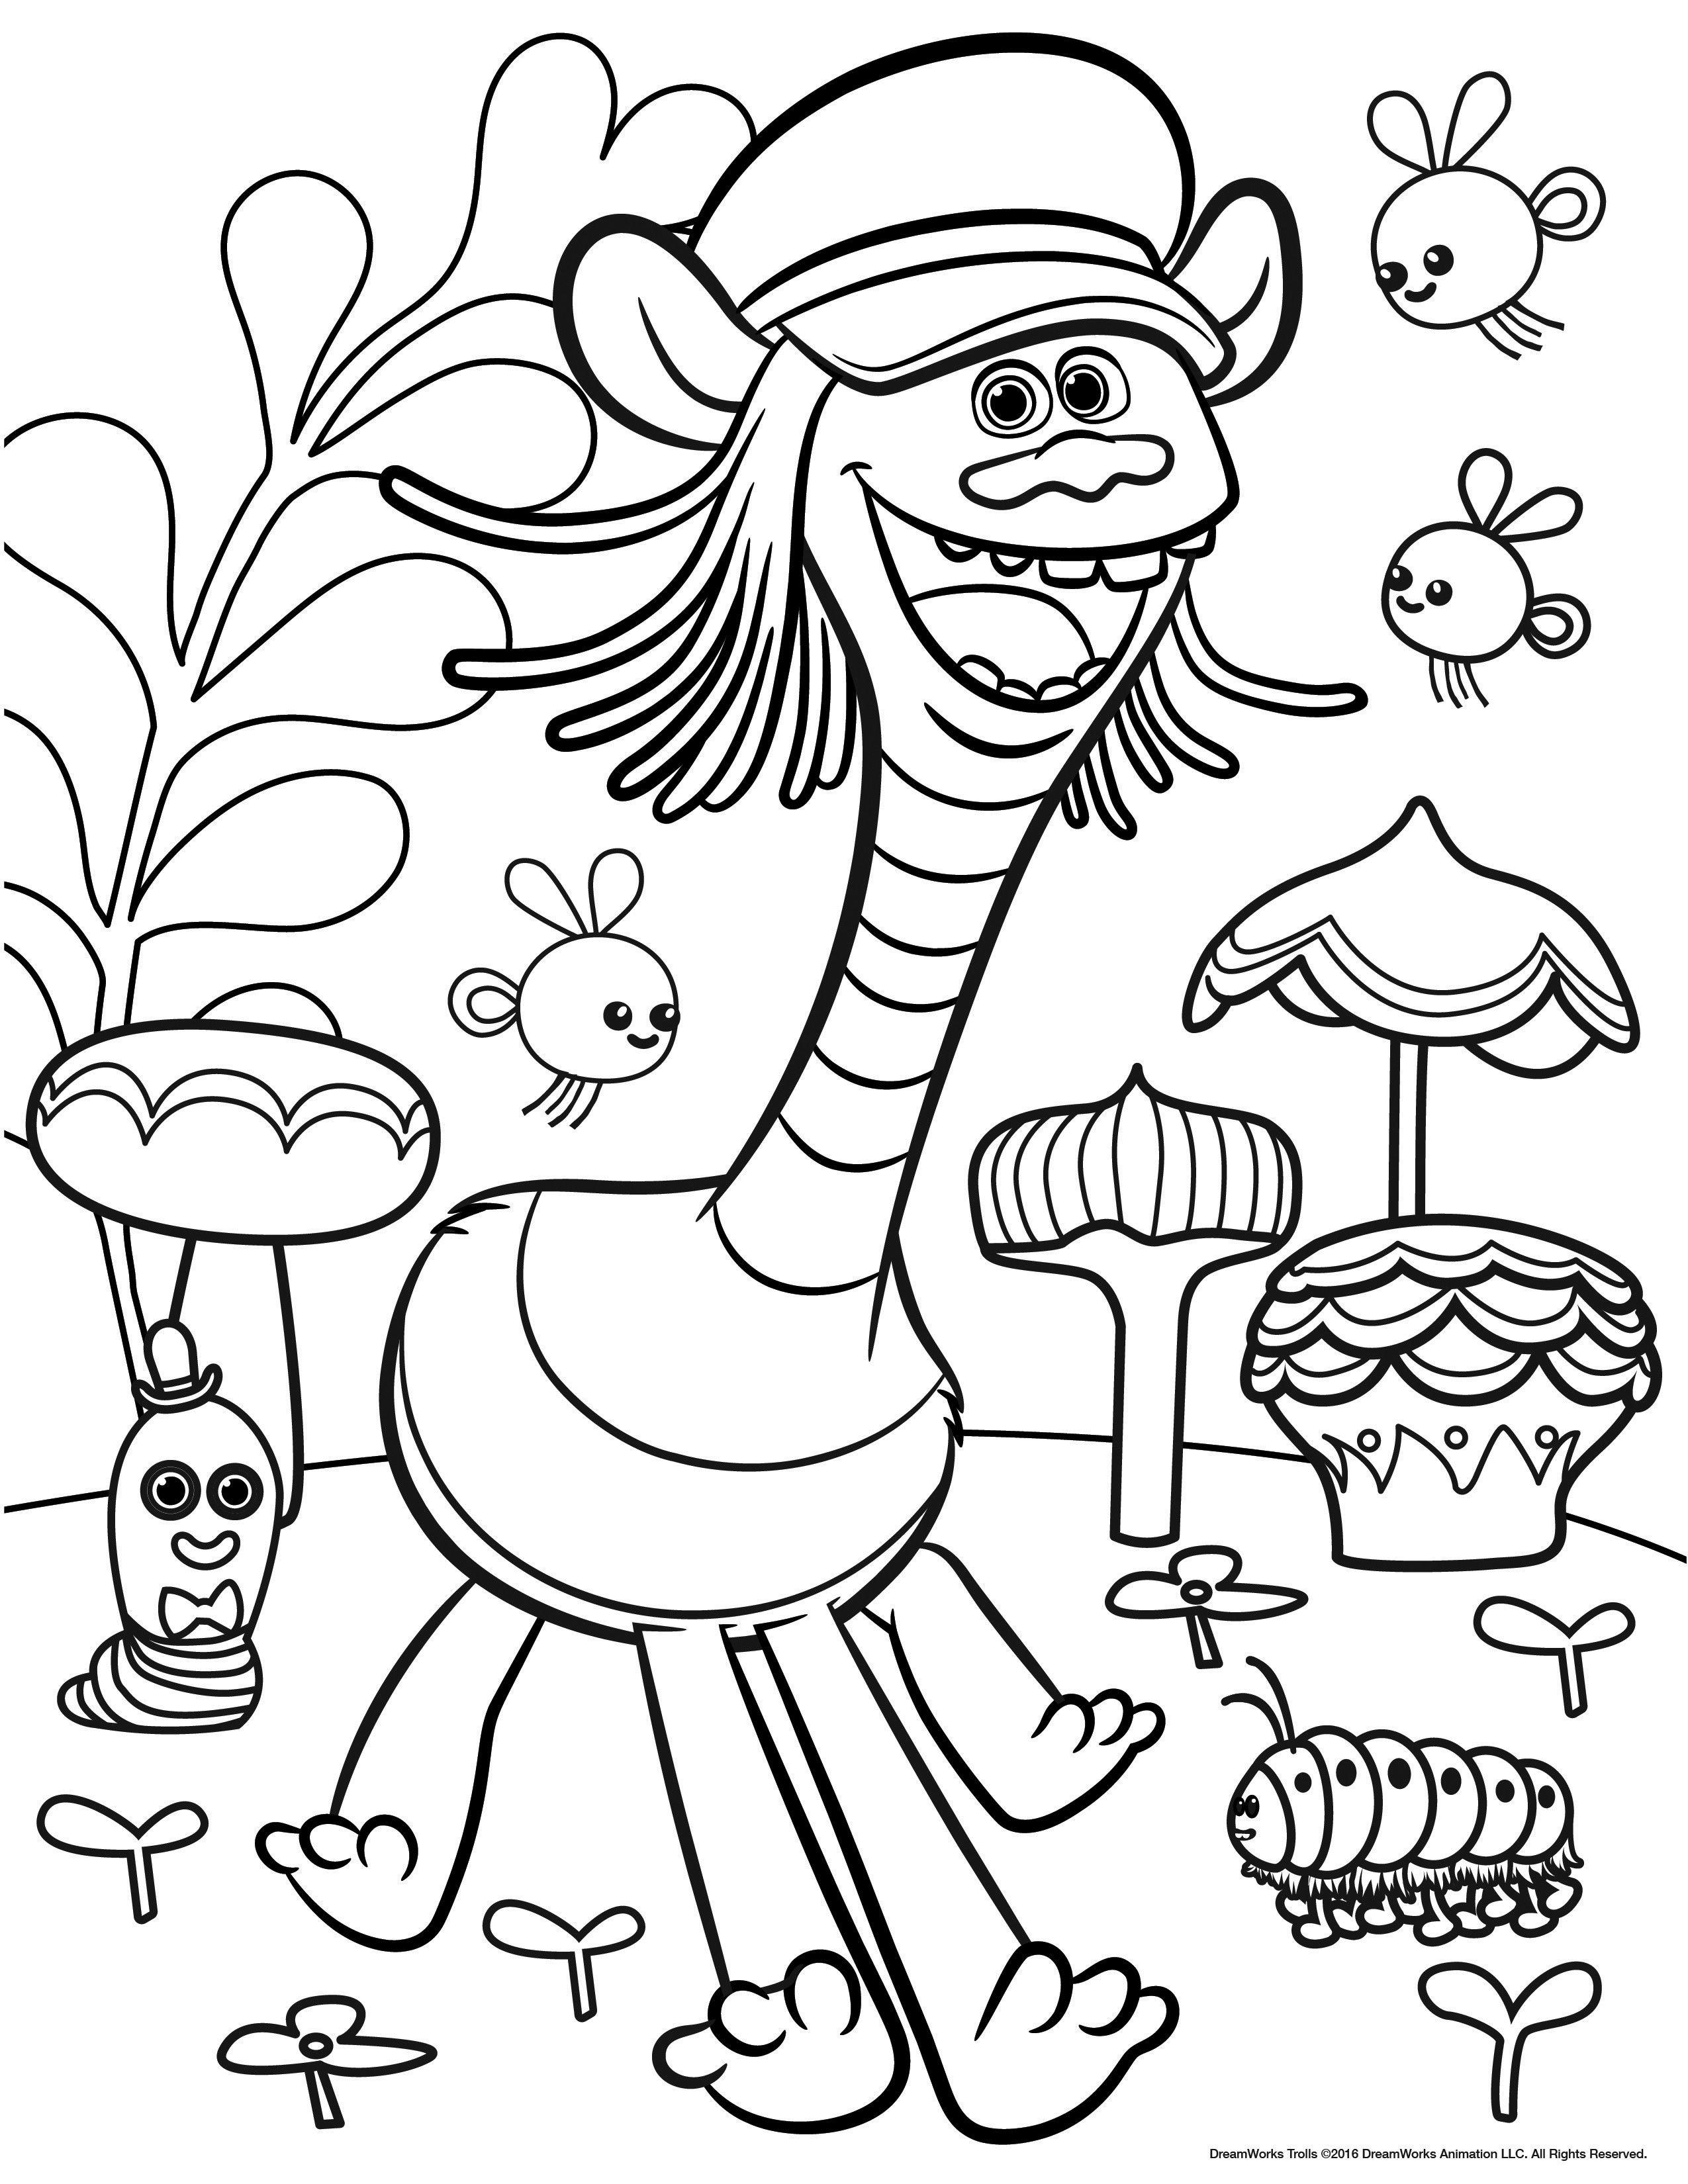 Bilderesultat For Coloring Trolls Free Kids Coloring Pages Cartoon Coloring Pages Coloring Pages